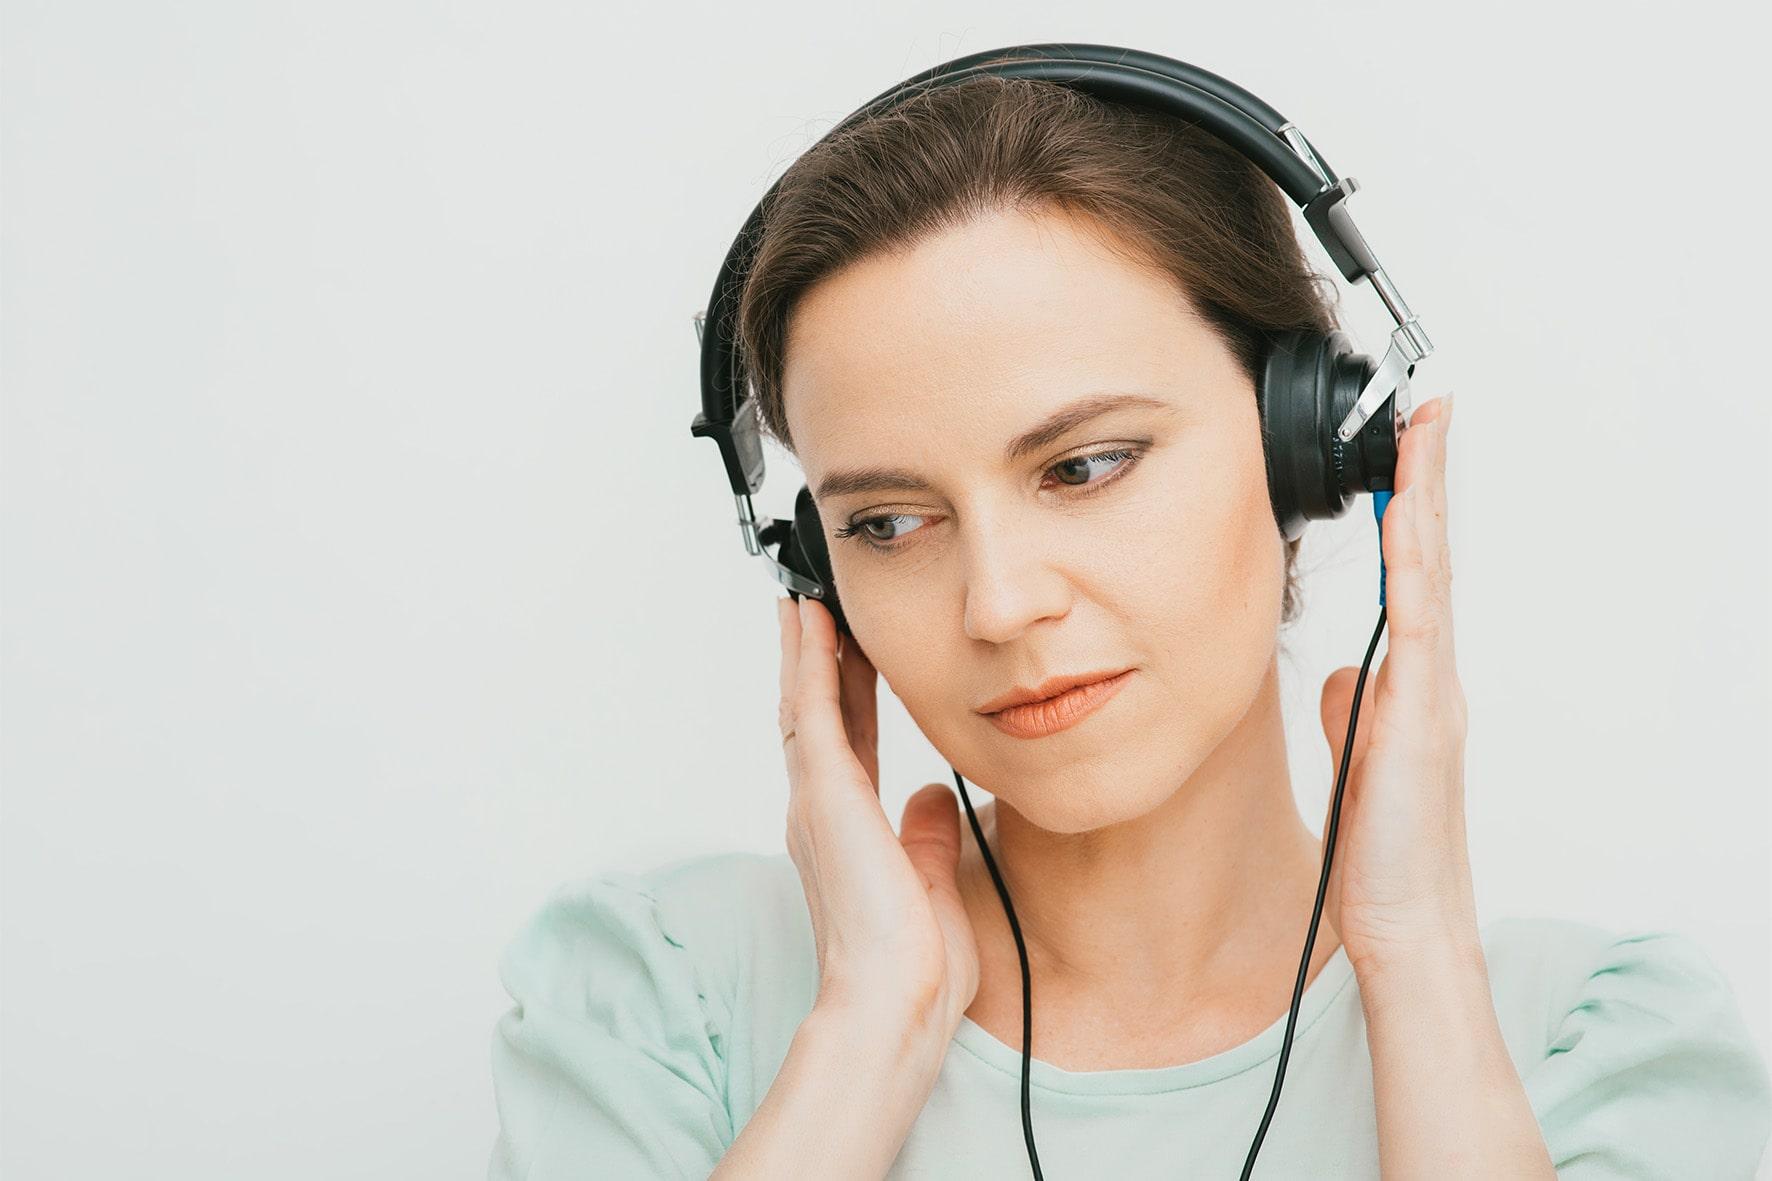 аудіометрія